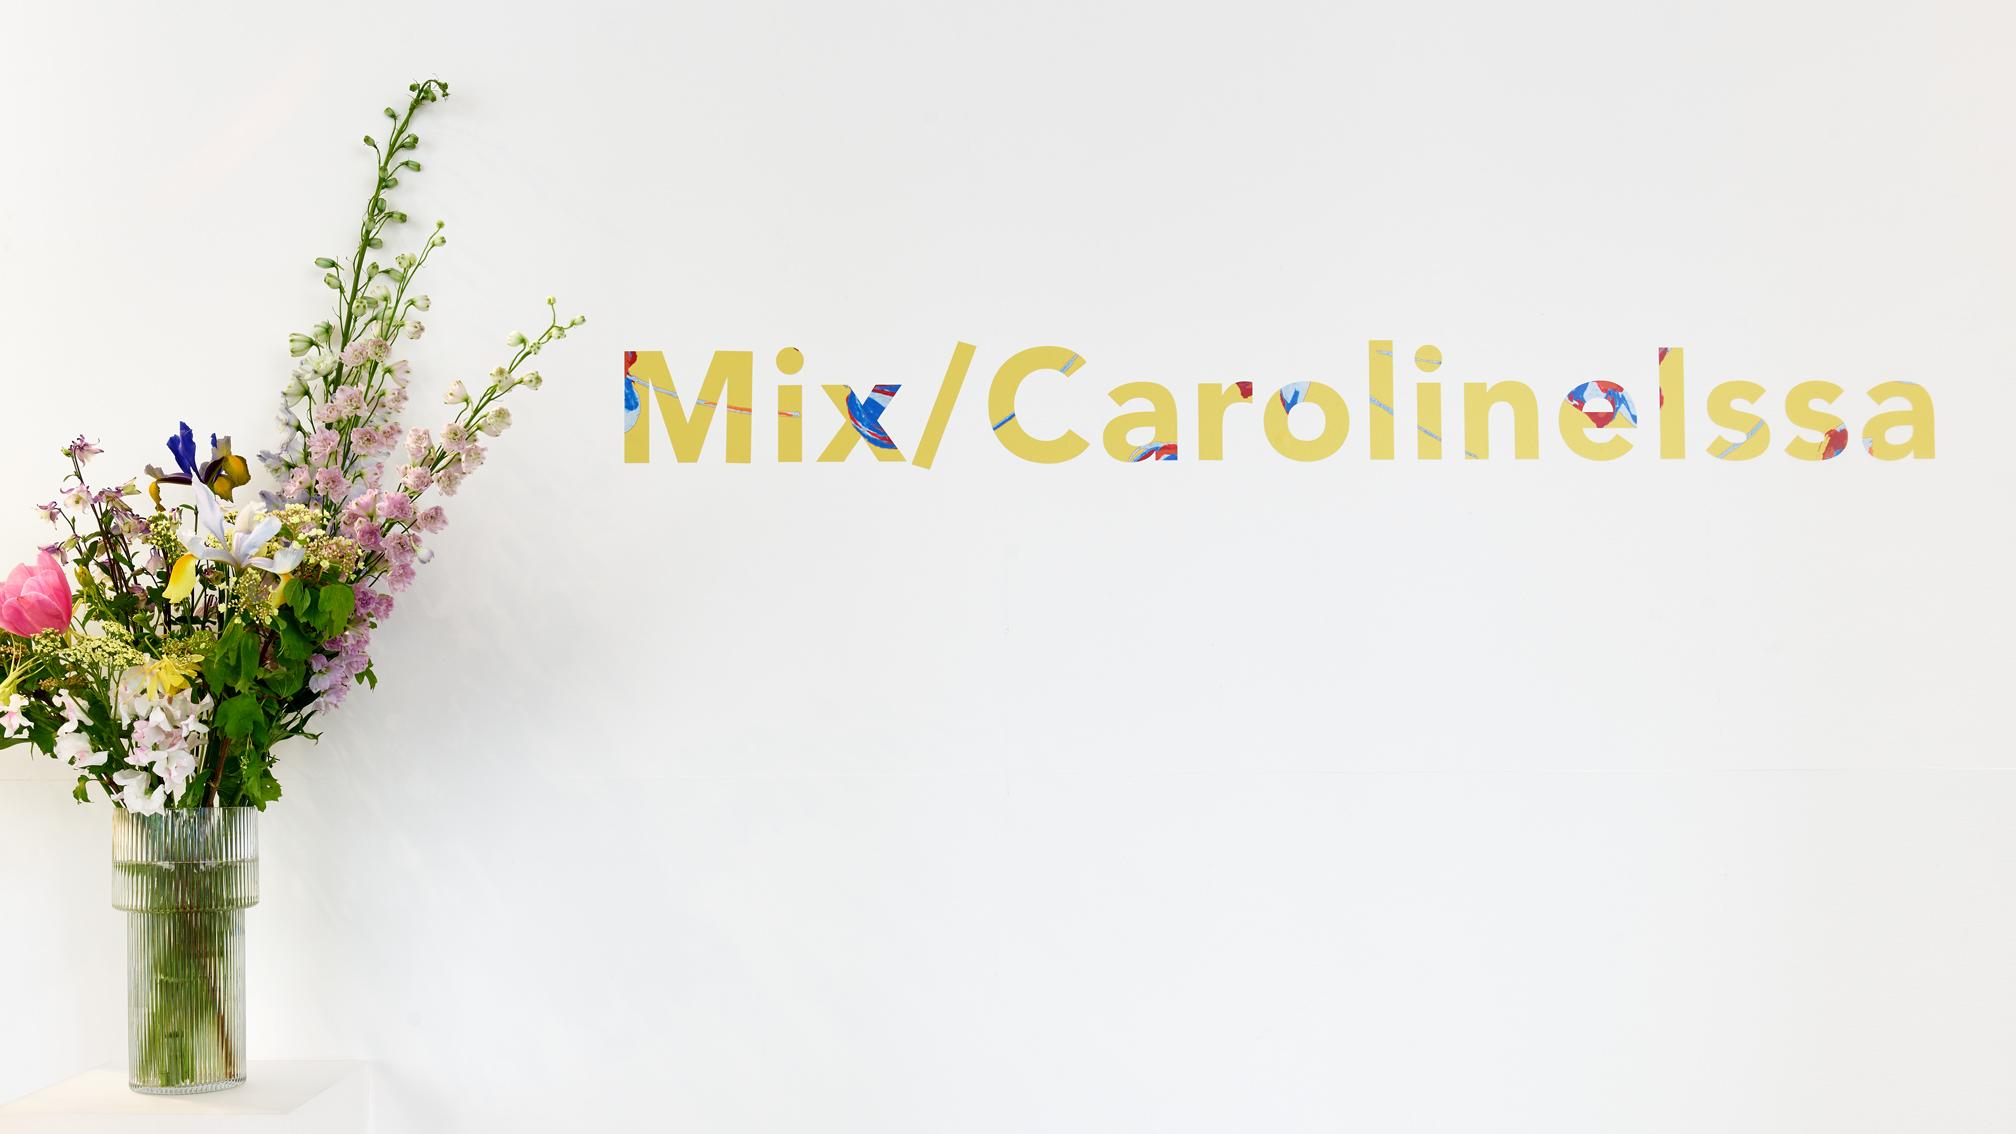 Mitchell_Mix_07-05-2019_Drafts_01.jpg